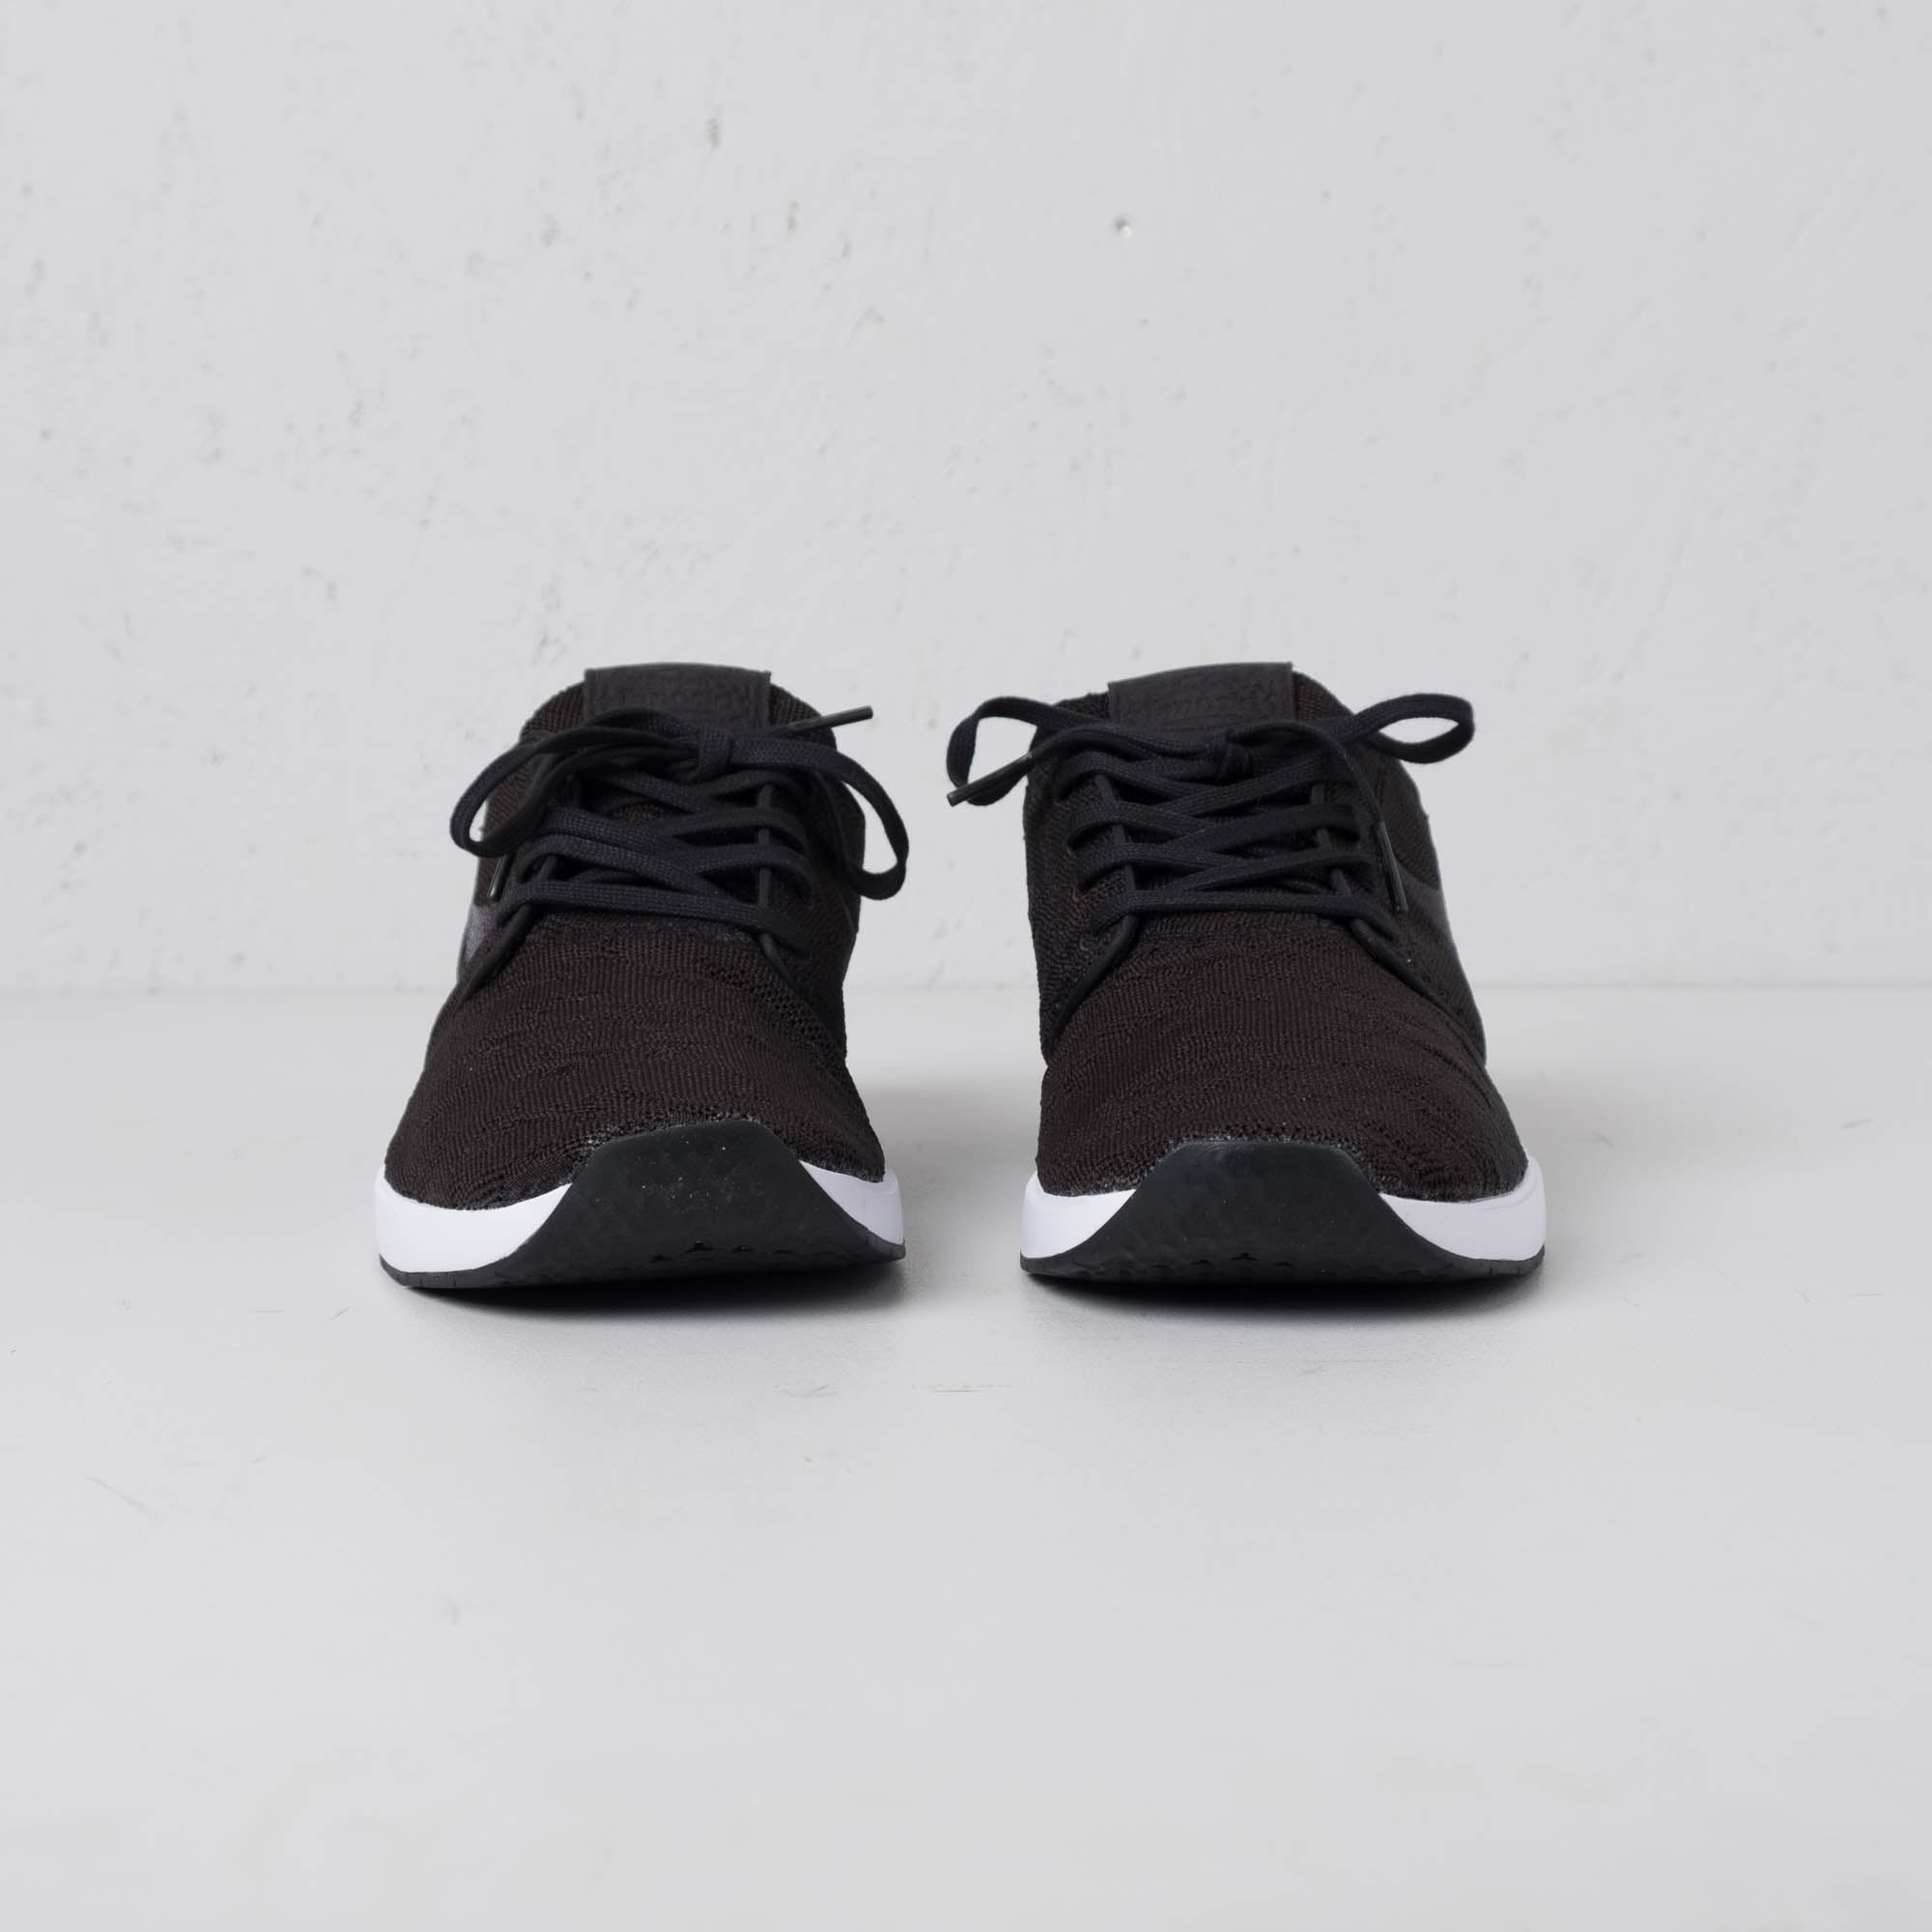 Nike SB Air Max Janoski 2 | BlkAnthracite Wht